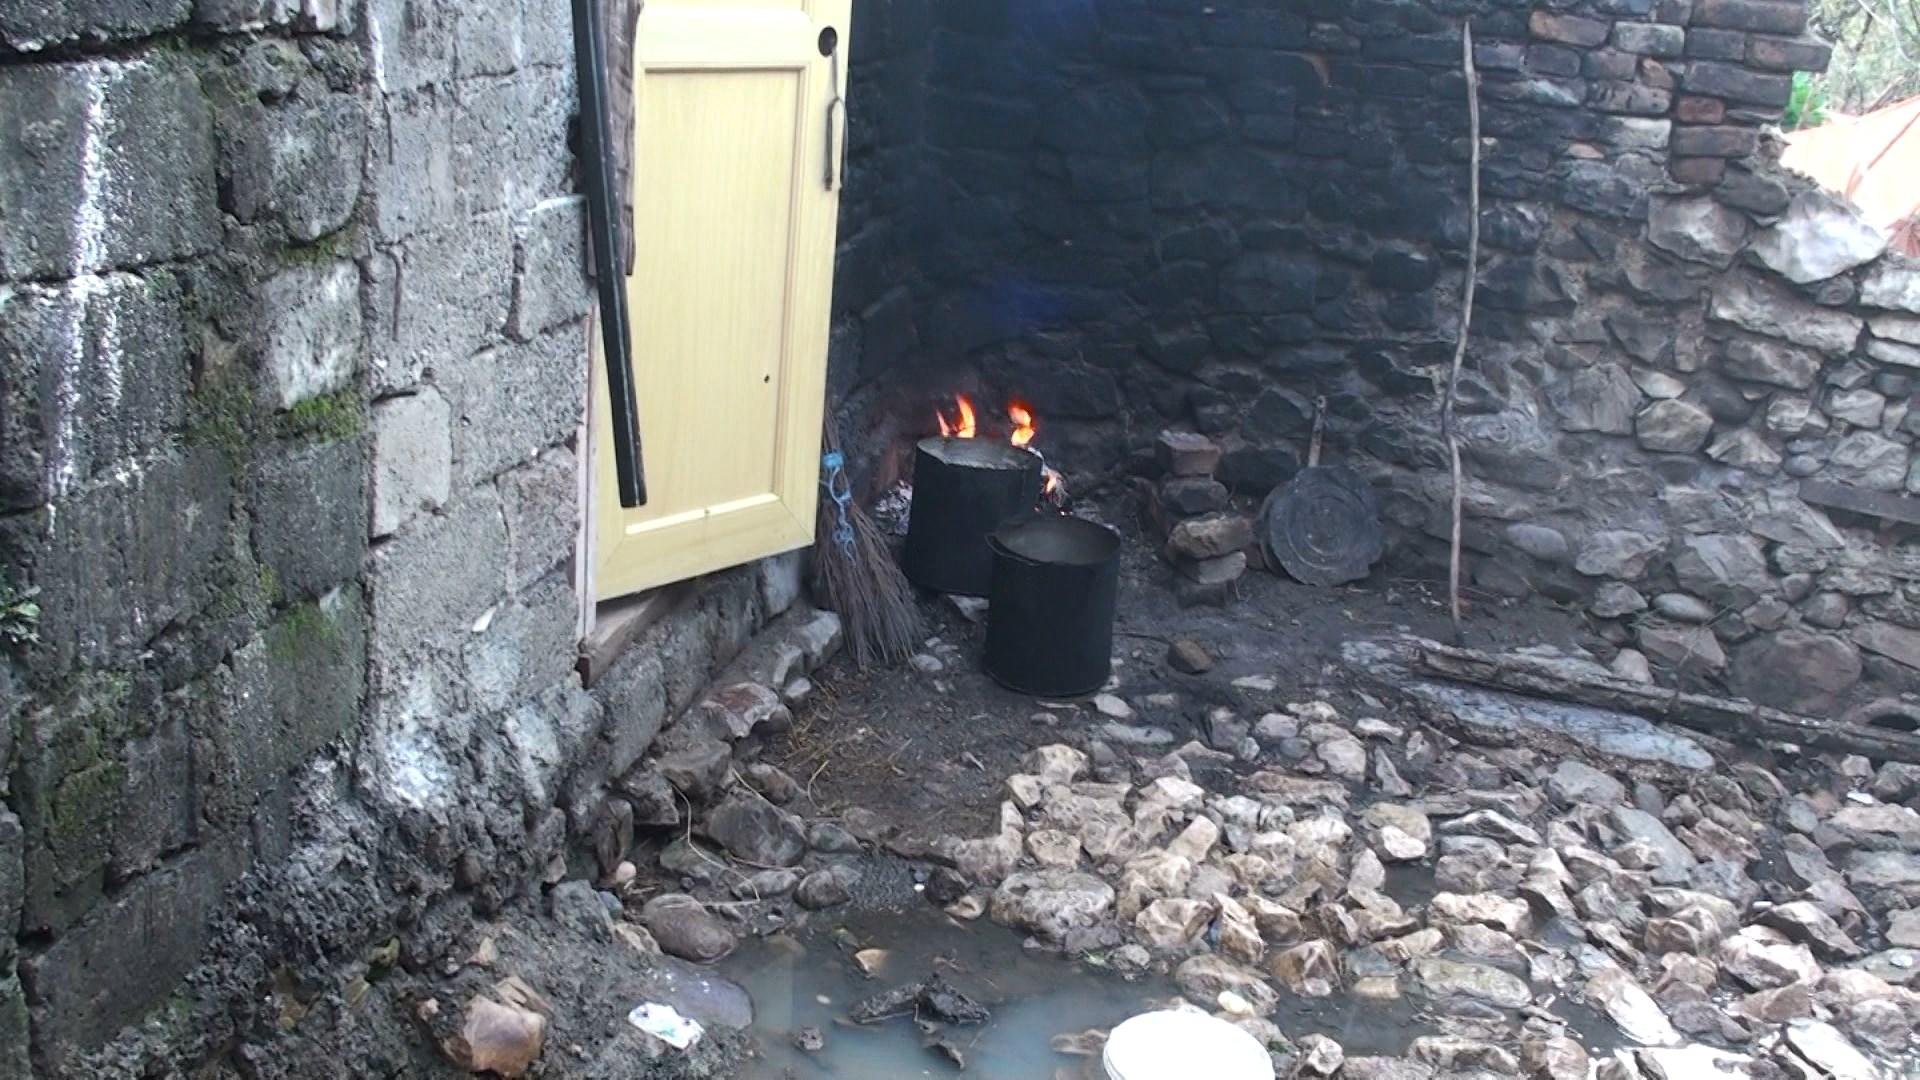 Shtëpia e familjes Kuka në Laç e pabanueshme, banorët: institucionet nuk na ndihmojnë